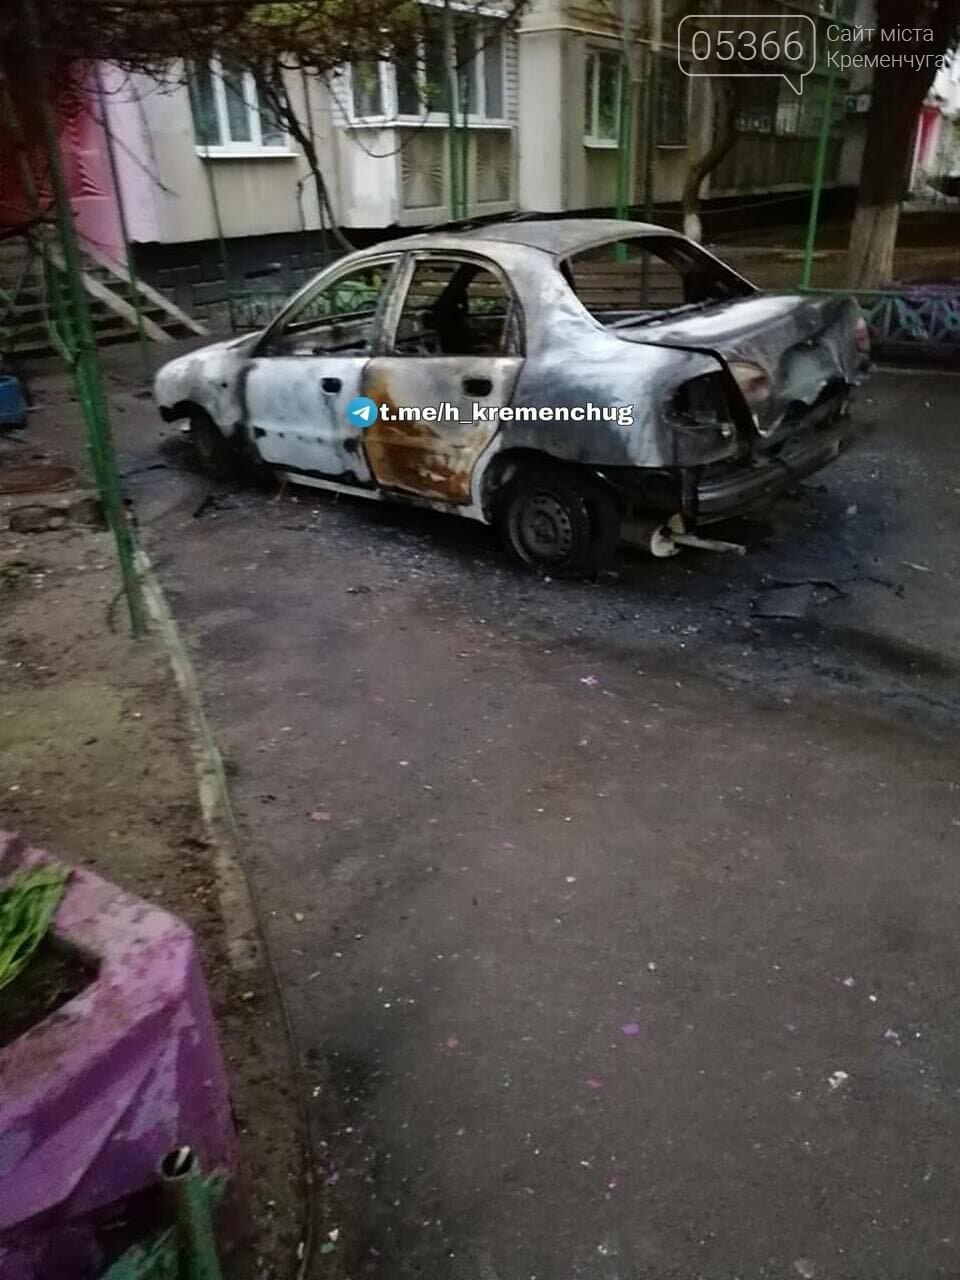 Невідомі особи вночі ходили по Кременчуку та били автівки, одну навіть спалили. Відео, ФОТО , фото-5